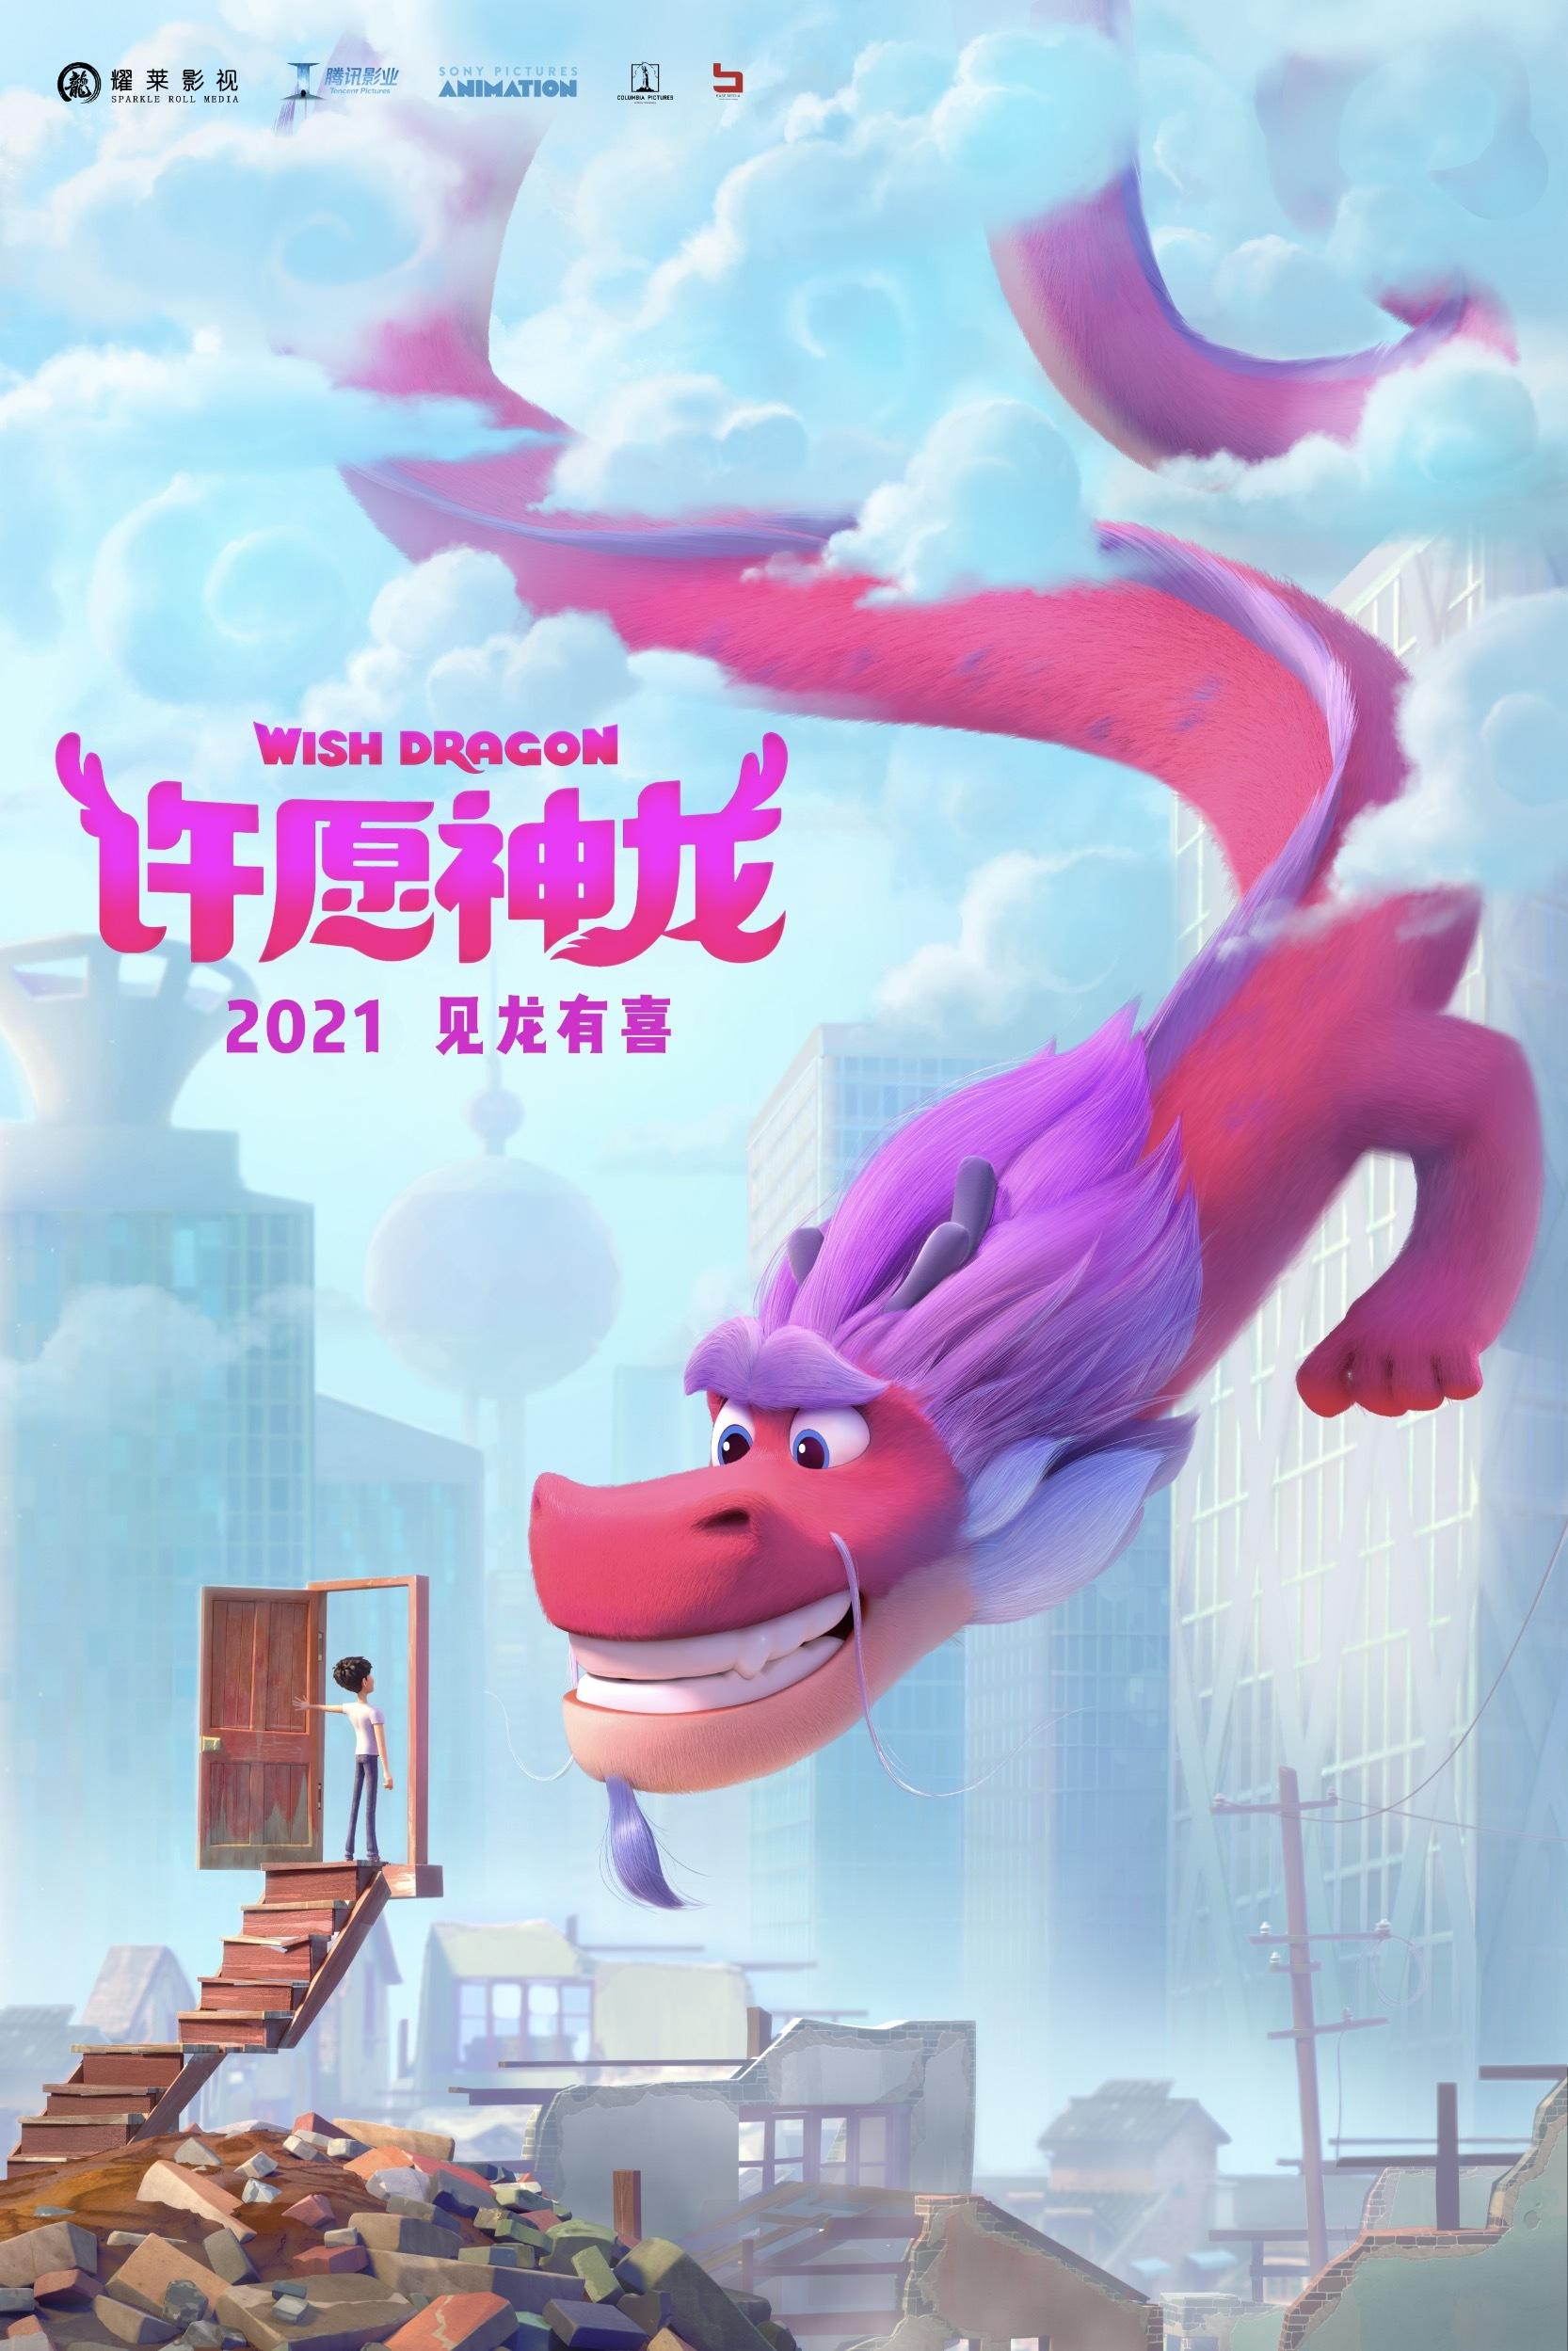 成龙制片&参与配音动画《许愿神龙》公布新海报